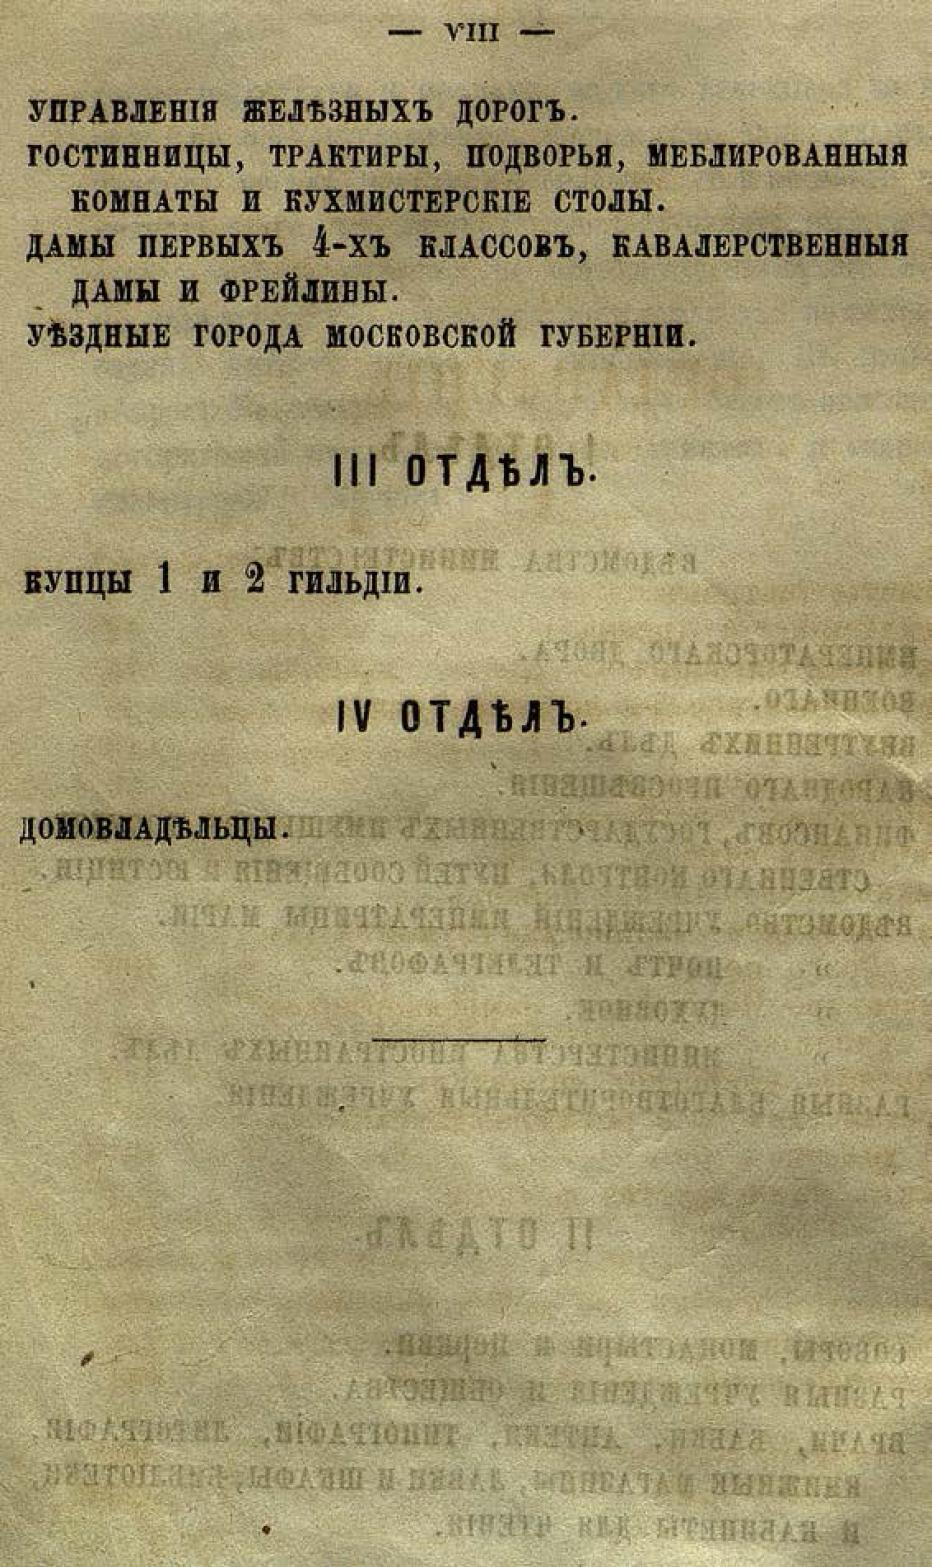 http://images.vfl.ru/ii/1406811017/904e2747/5858125.jpg